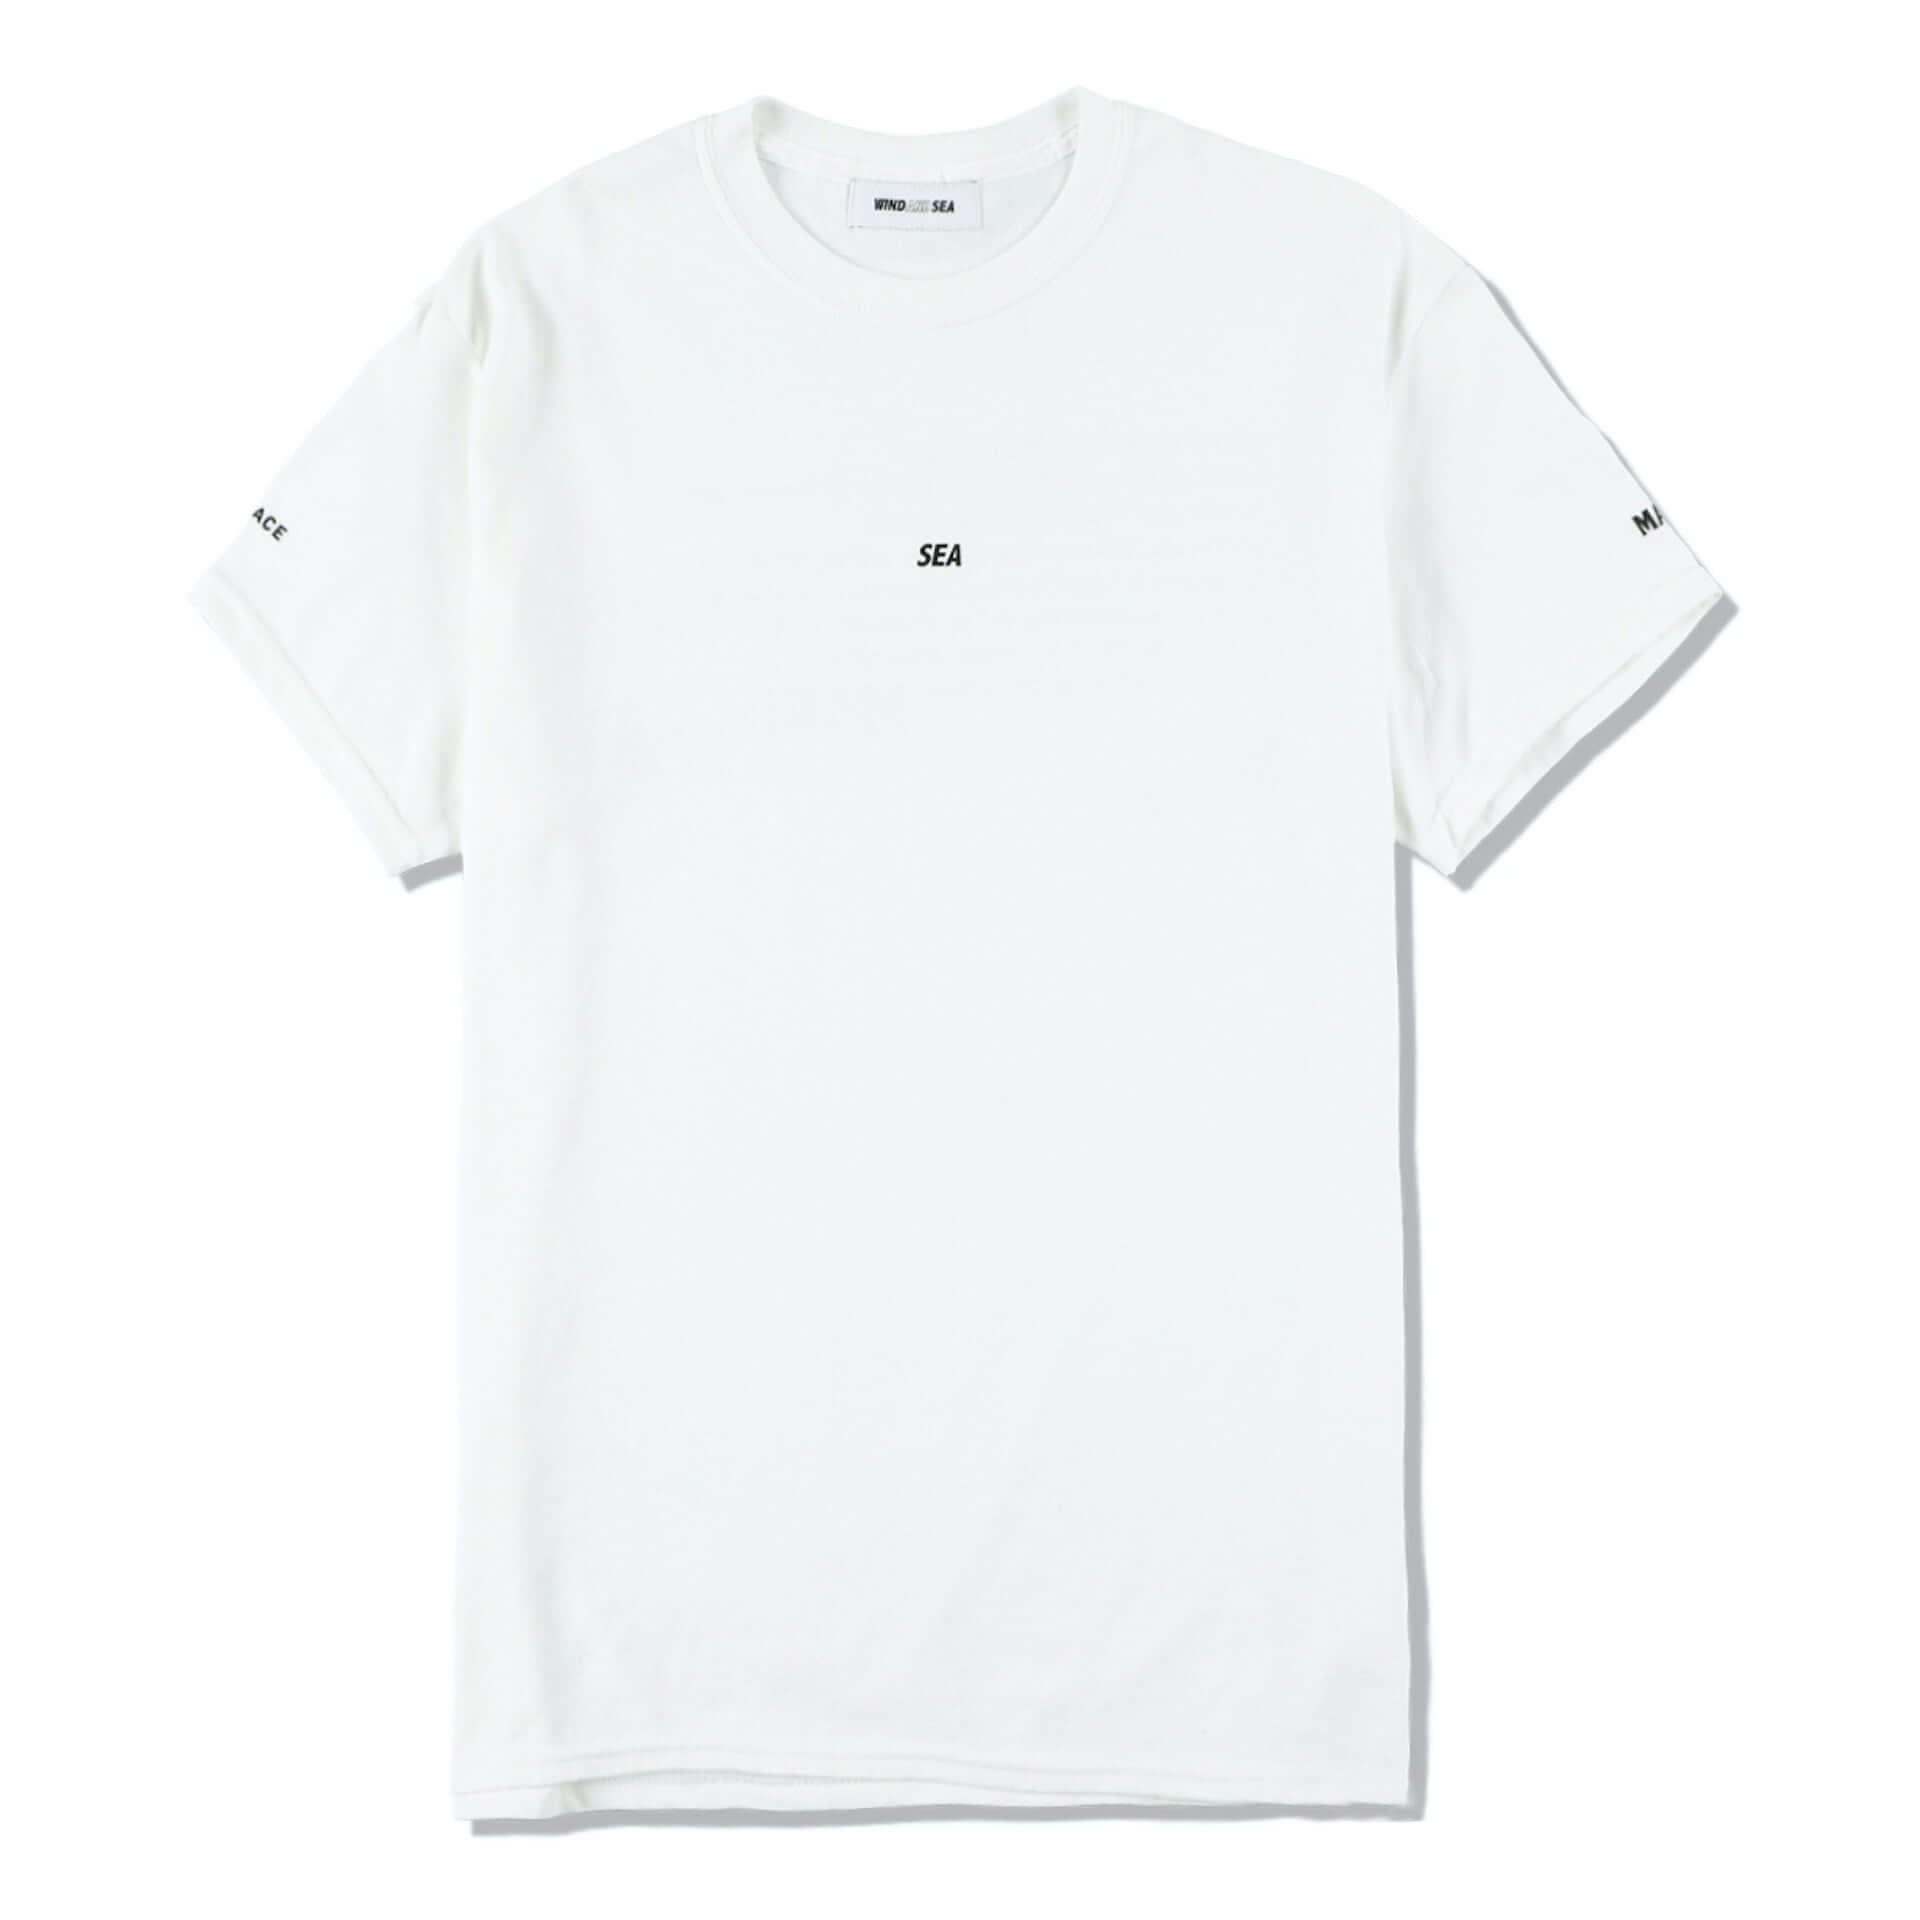 『左ききのエレン』特別篇に登場したMAROとWIND AND SEAのコラボアイテムが現実に!Tシャツとボトルセットが発売決定 lf210310_eren-maro-windandsea_16-1920x1920